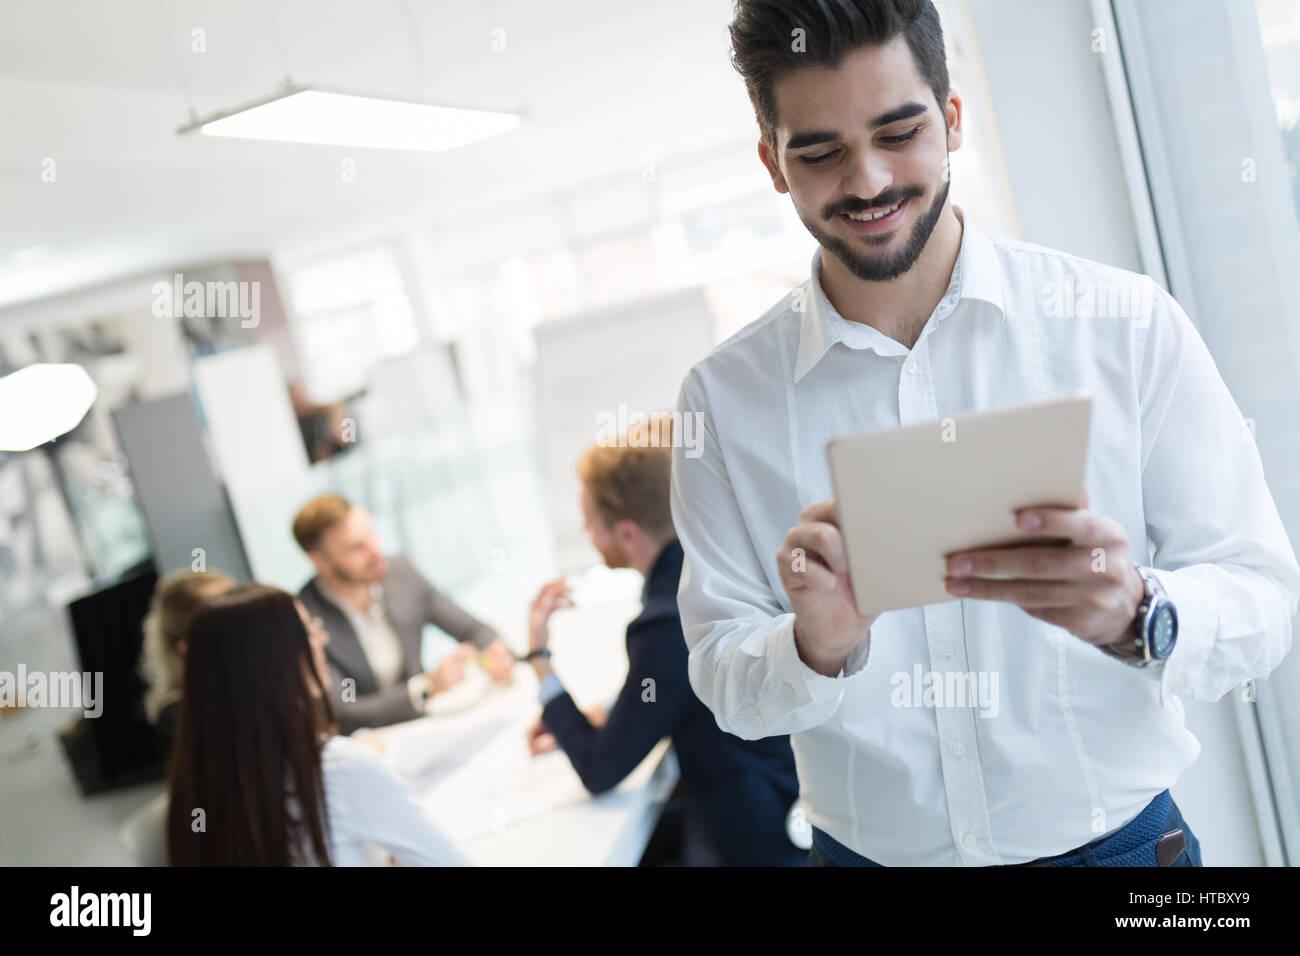 Trabajador feliz con éxito en la industria de la tecnología de la información en la oficina de trabajo Imagen De Stock